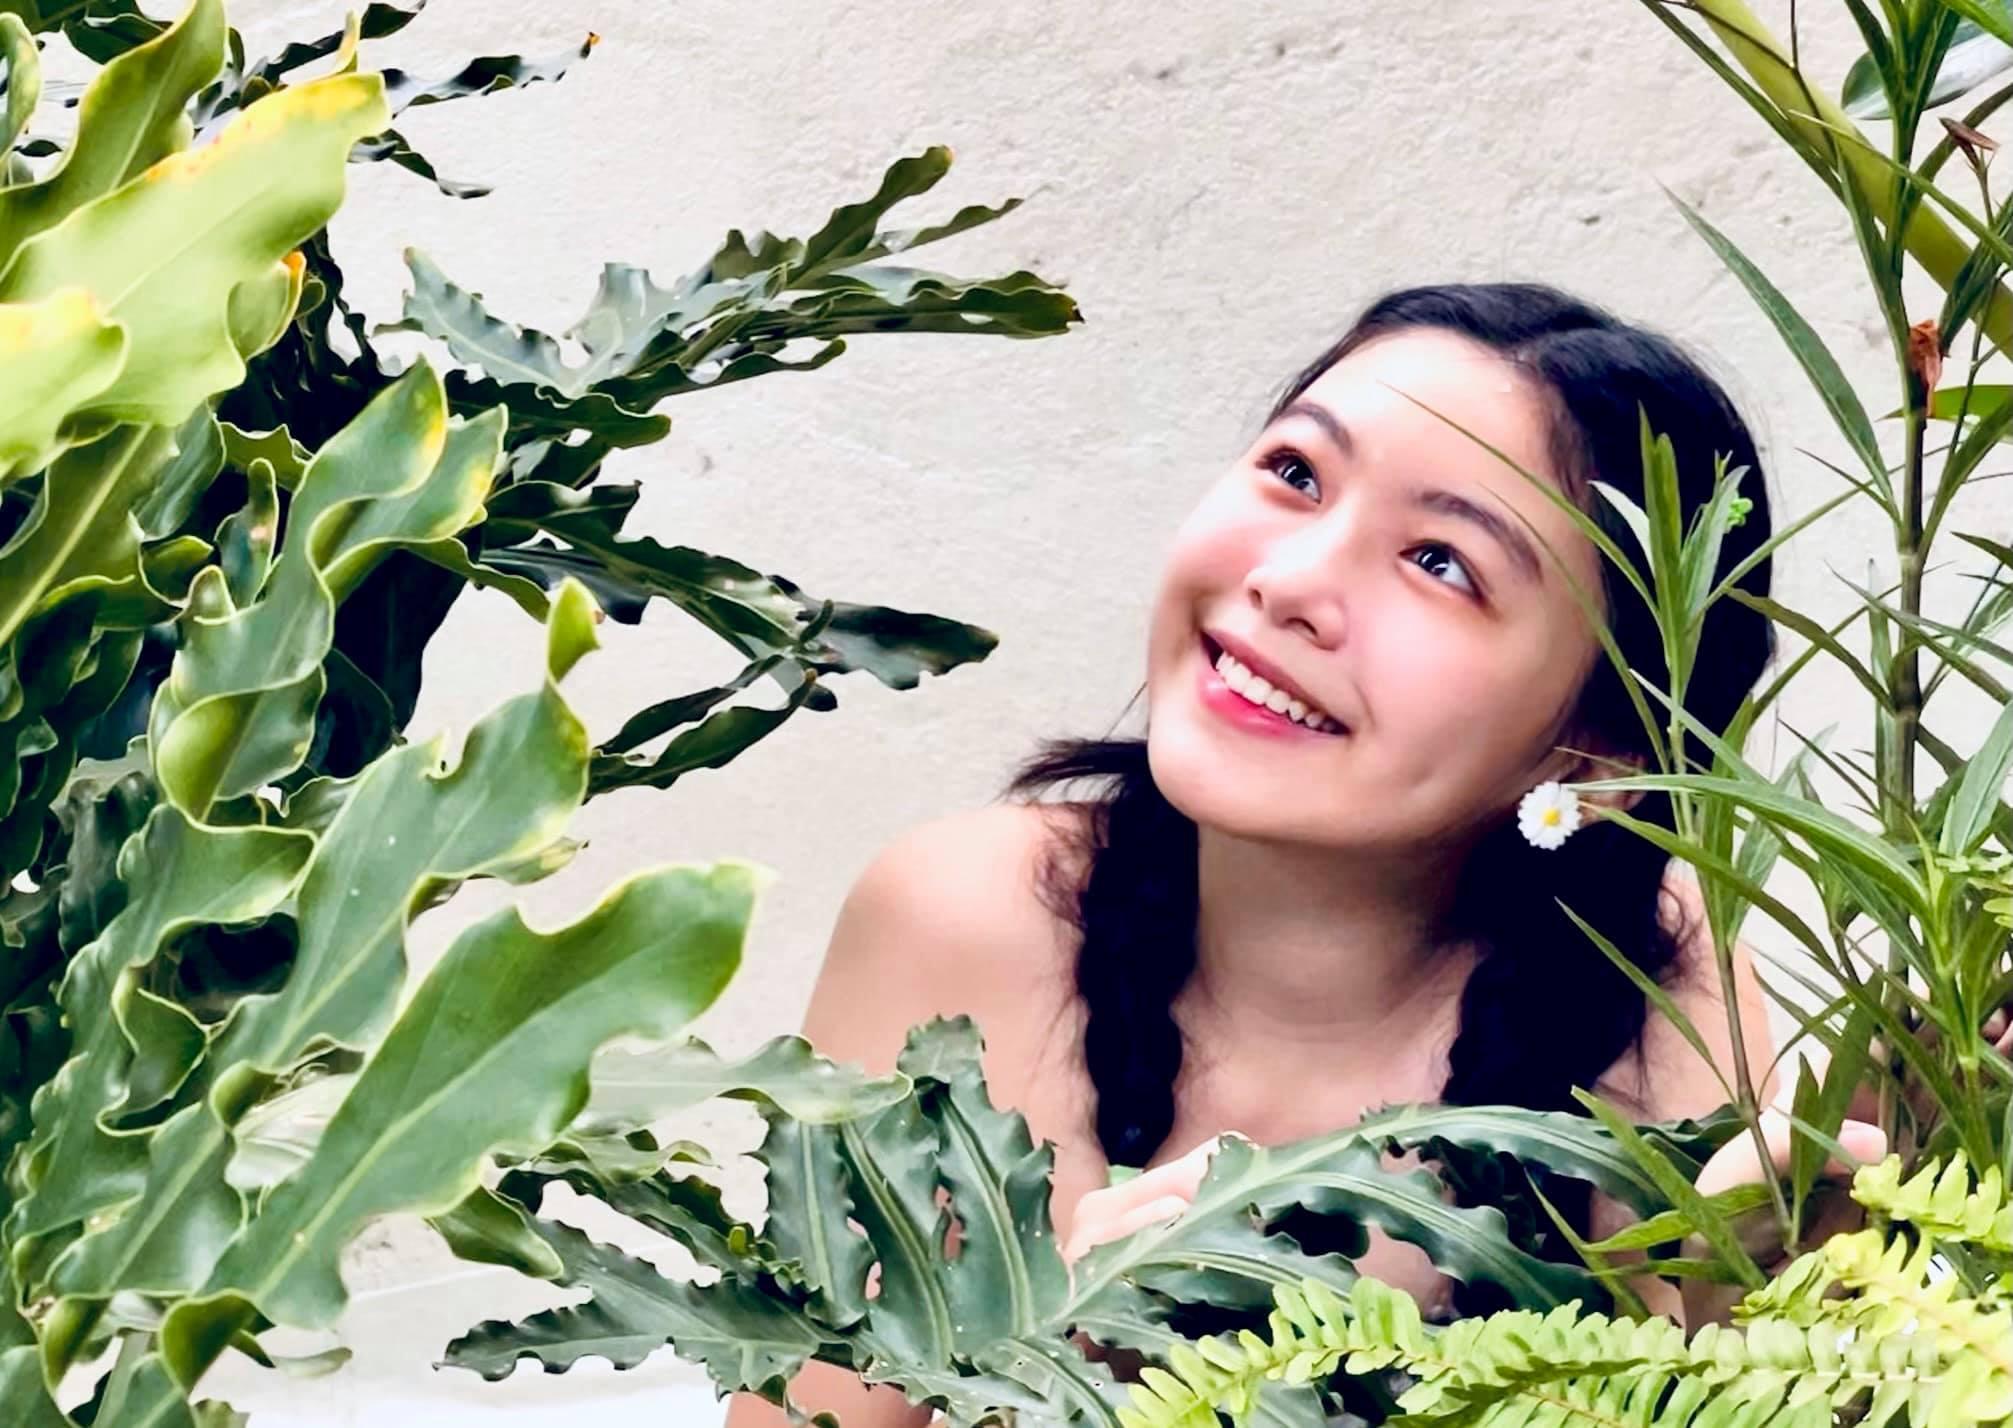 Lọ Lem trang điểm nhẹ nhàng, thắt tóc bím và khoe nụ cười rạng rỡ ở tuổi 15. Cộng với chiều cáo 1,7m dù mới tuổi 15, cô bé được dự đoán sớm trở thành một mỹ nhân trong tương lai gần.